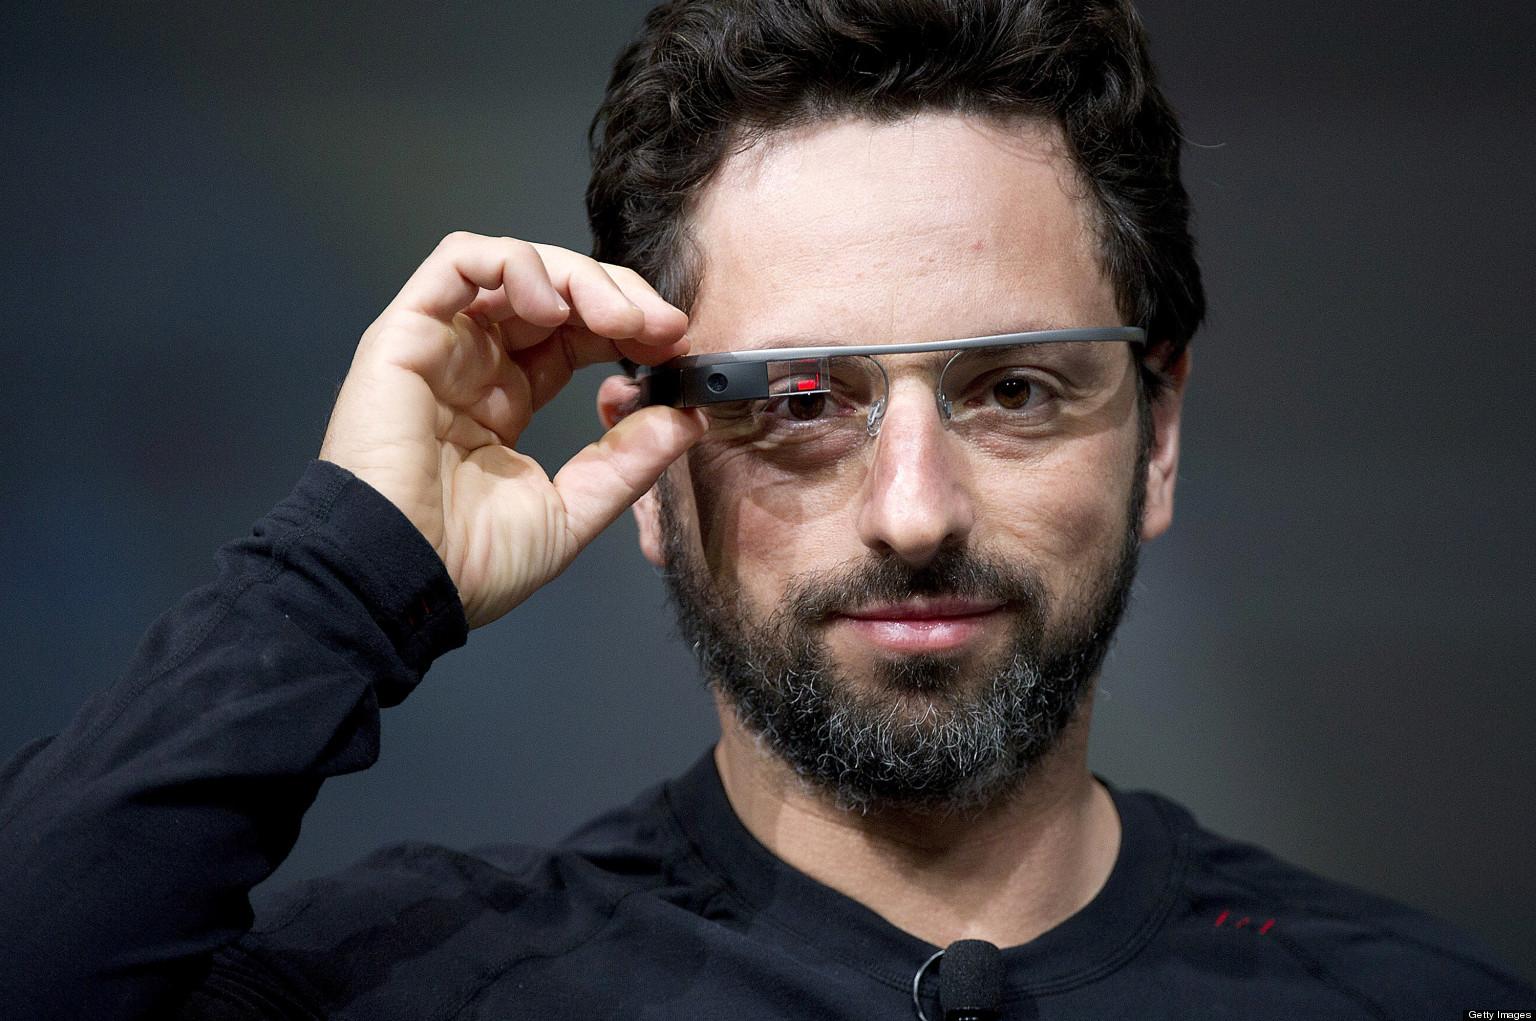 Le cours de Sergey Brin sur le Selfie